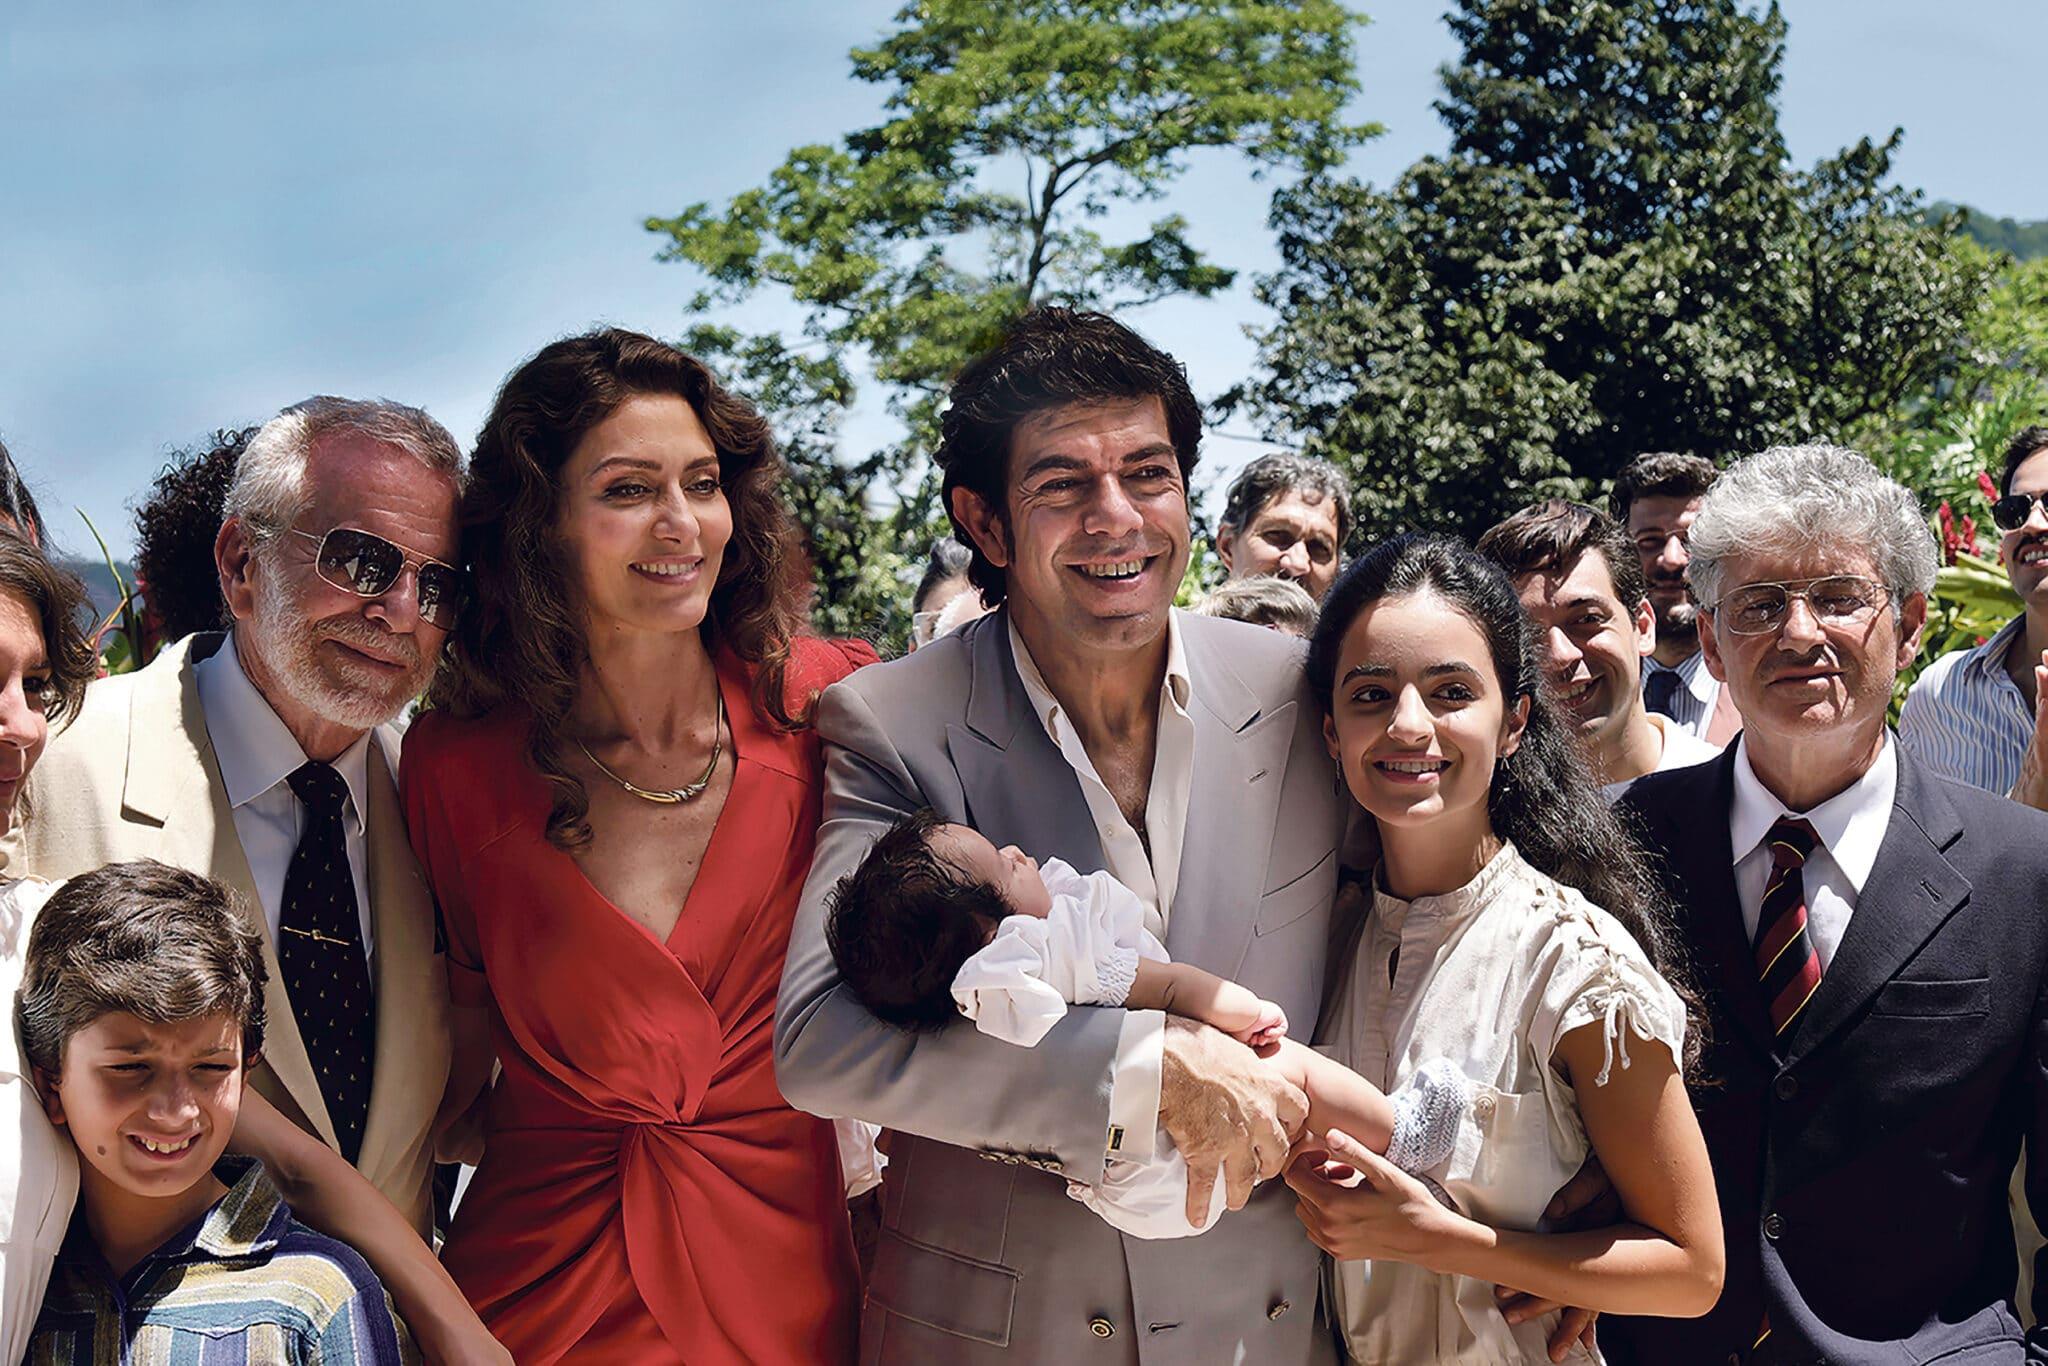 Tommaso Buscetta (Pierfrancesco Favino) hält in Il Traditore - Als Kronzeuge gegen die Cosa Nostra strahlend sein Baby auf dem Arm. Neben ihm stehen Maria (Maria Fernanda Cândido) und weitere Familienmitglieder.